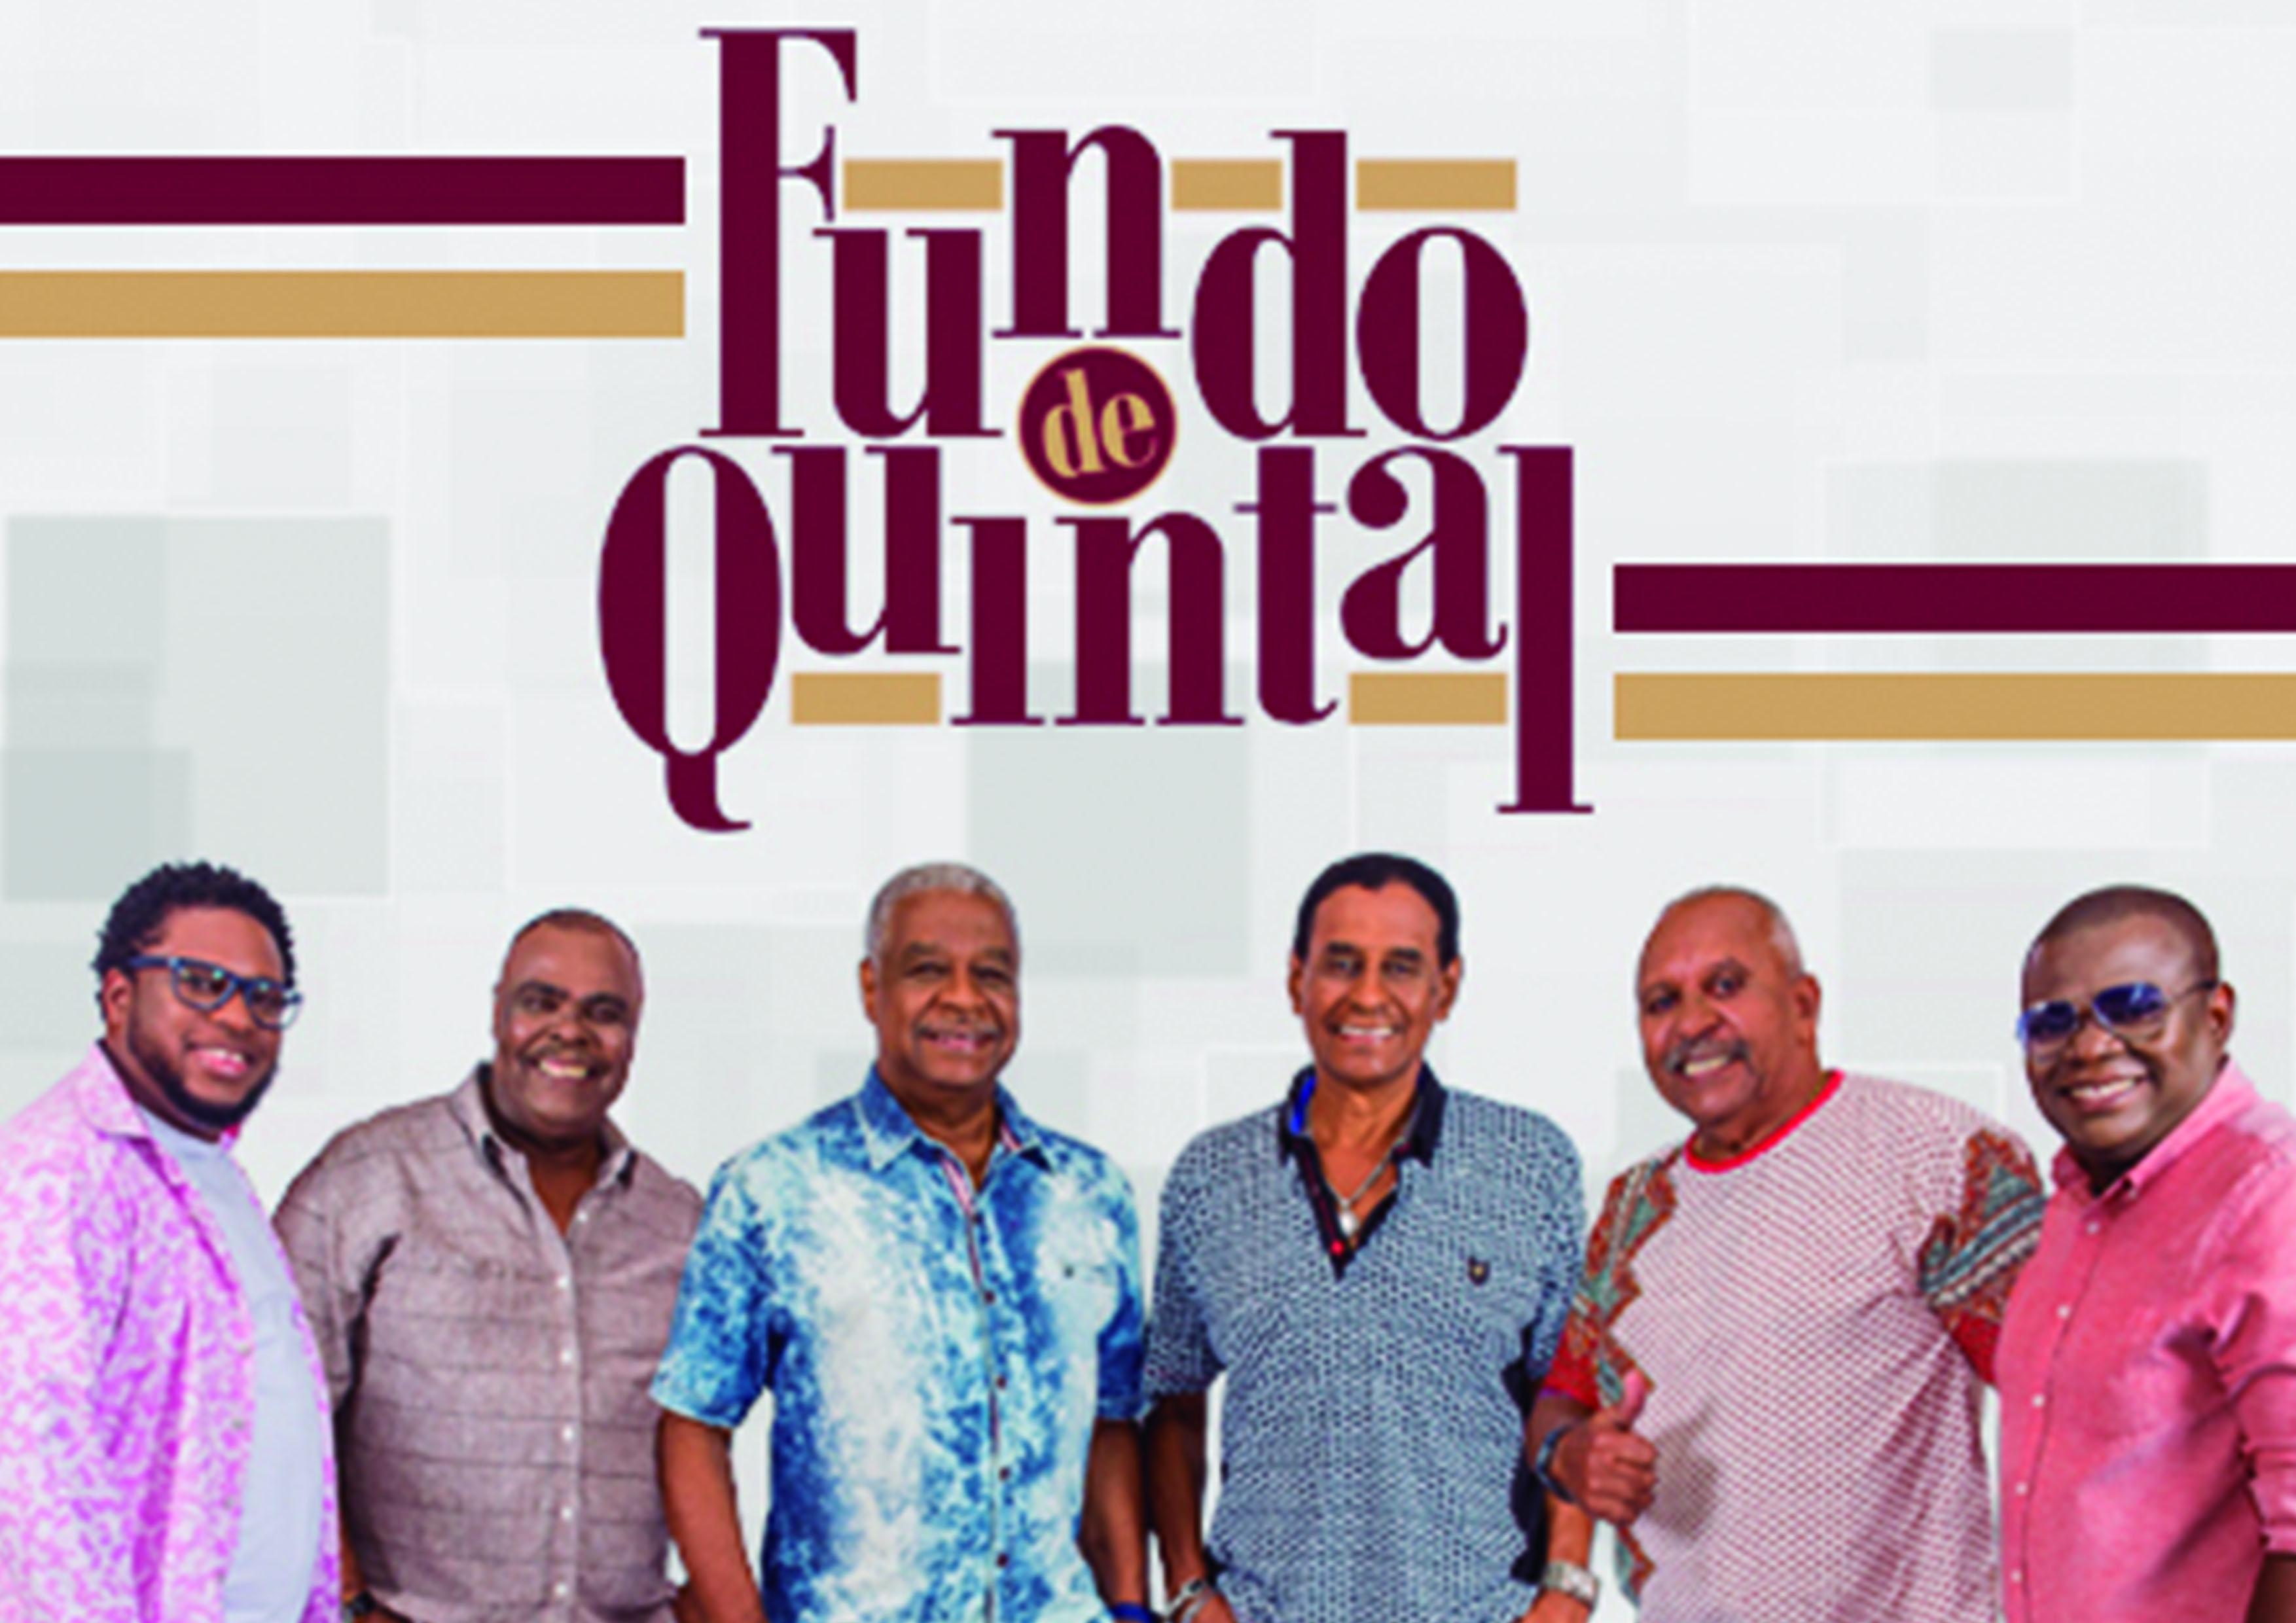 """Para você que ama curtir um bom samba! Ingresso Inteira Plateia Alta para o show do """"Fundo de Quintal"""" no Teatro RioMar Fortaleza por R$70"""